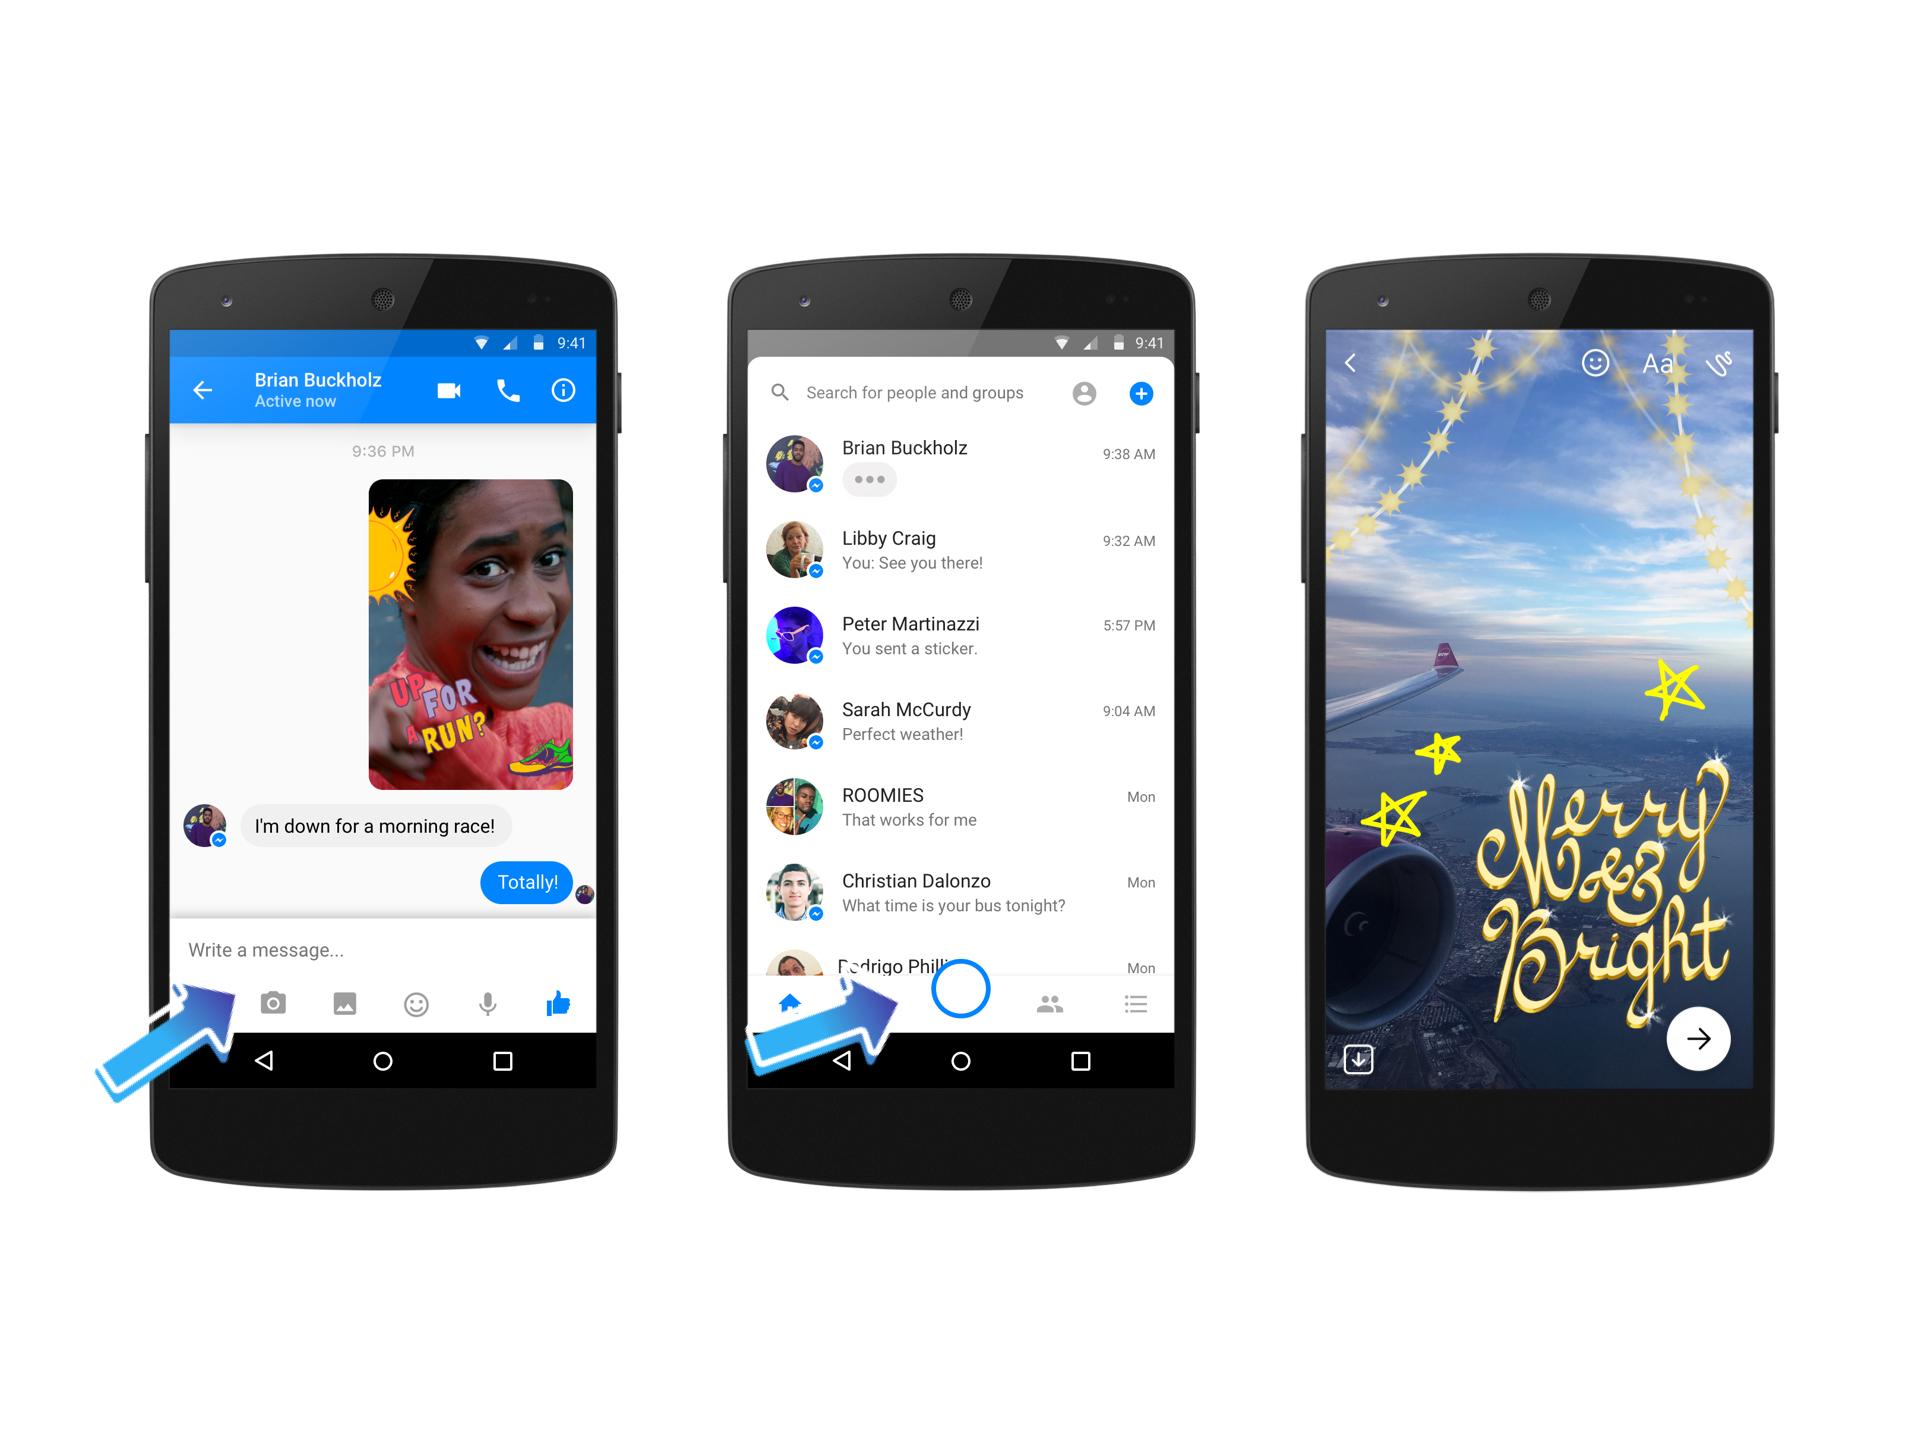 Facebook Messenger har over en milliard brukere - nå skal de få reklame på hjem-skjermen.